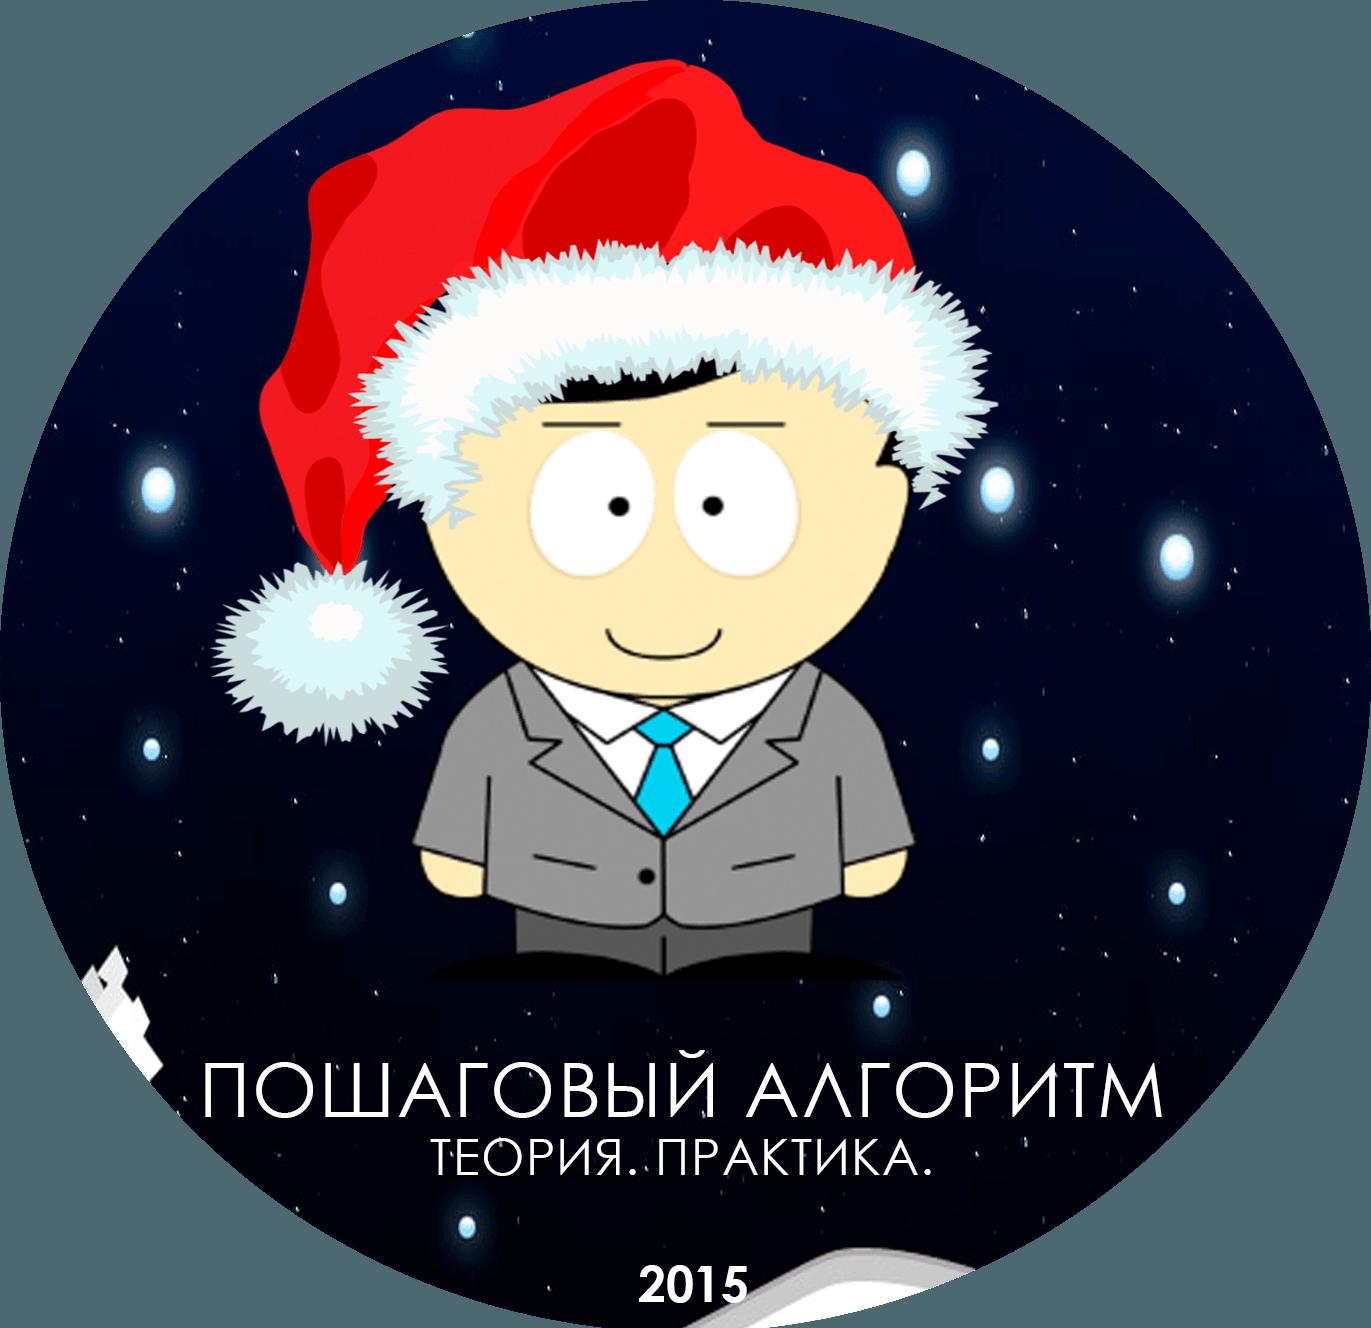 http://u1.platformalp.ru/6cceede3107f53ac307e0cf2964d3070/7435b69270cb46da368308ff9e53be4c.png